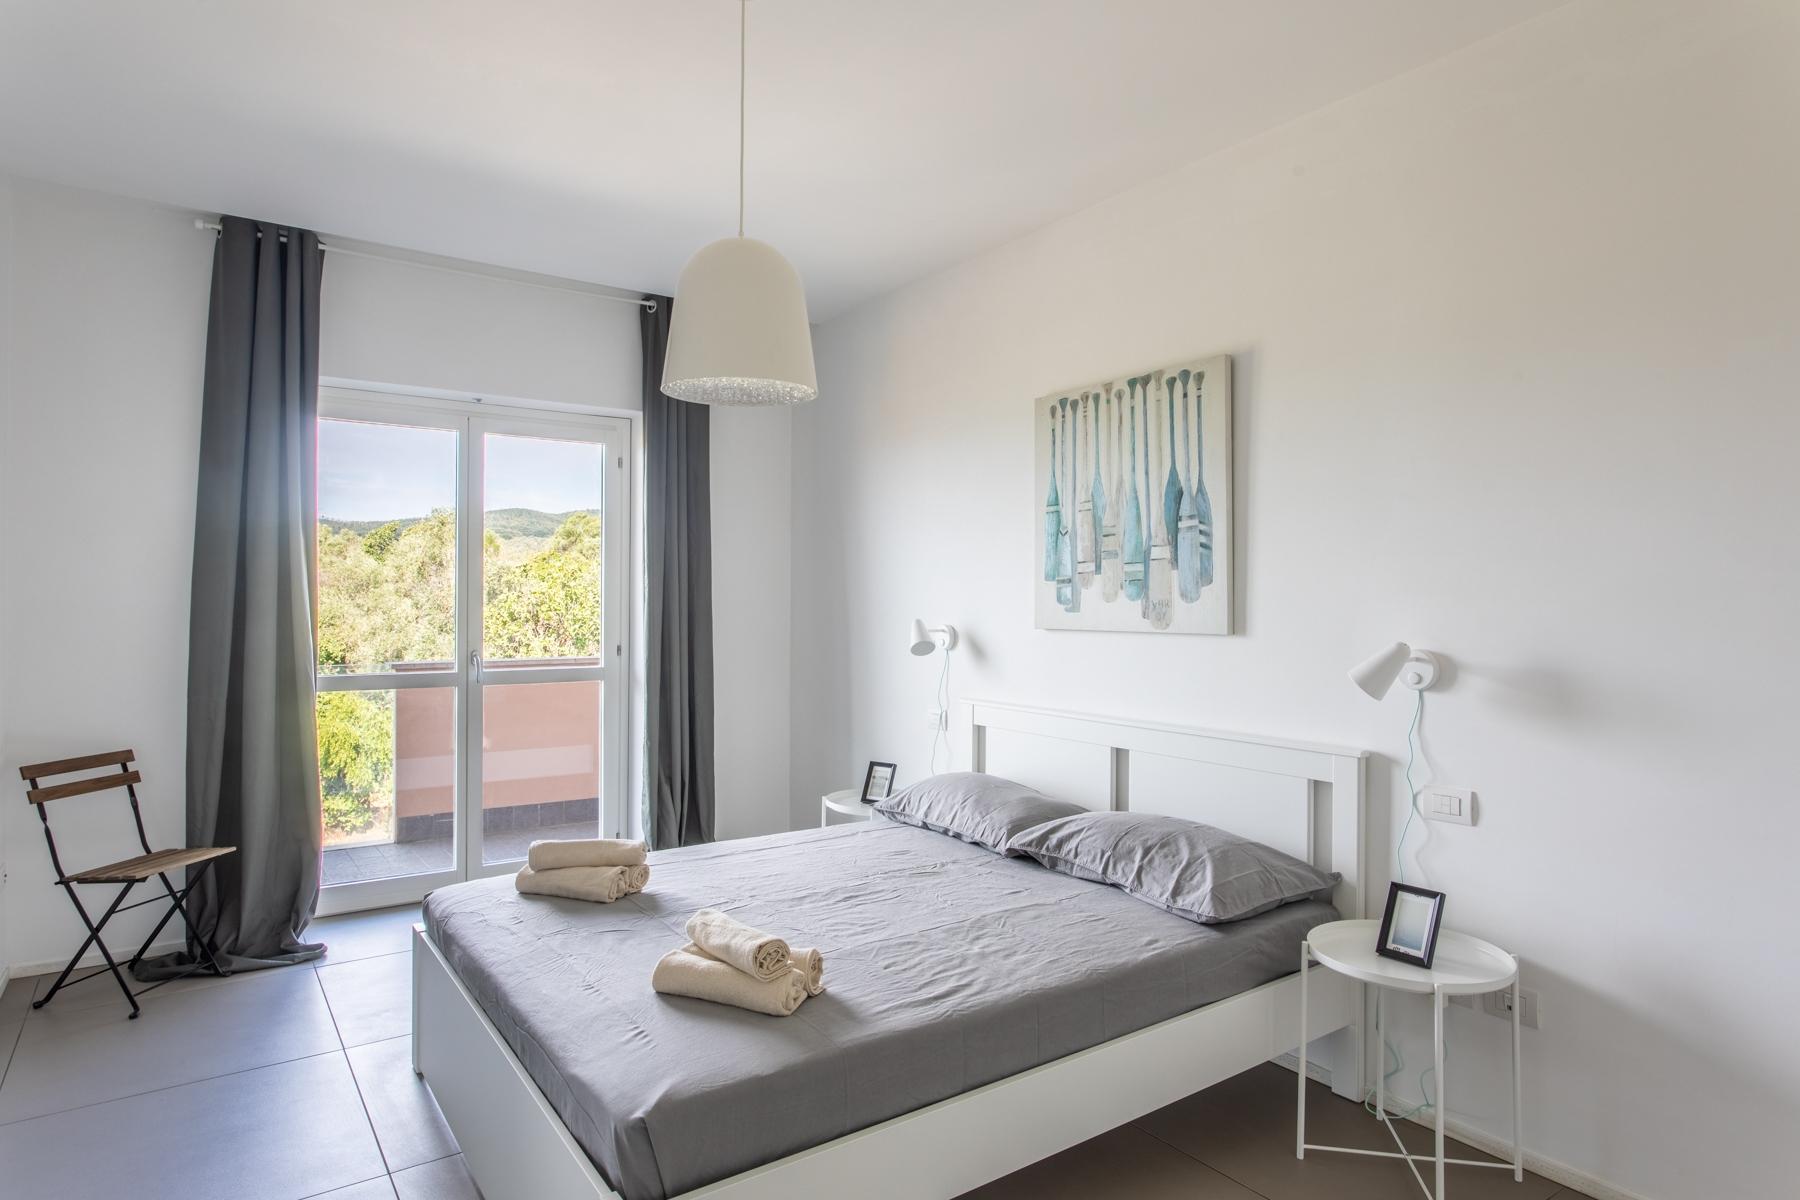 Appartamento in Vendita a Trevignano Romano: 4 locali, 100 mq - Foto 5